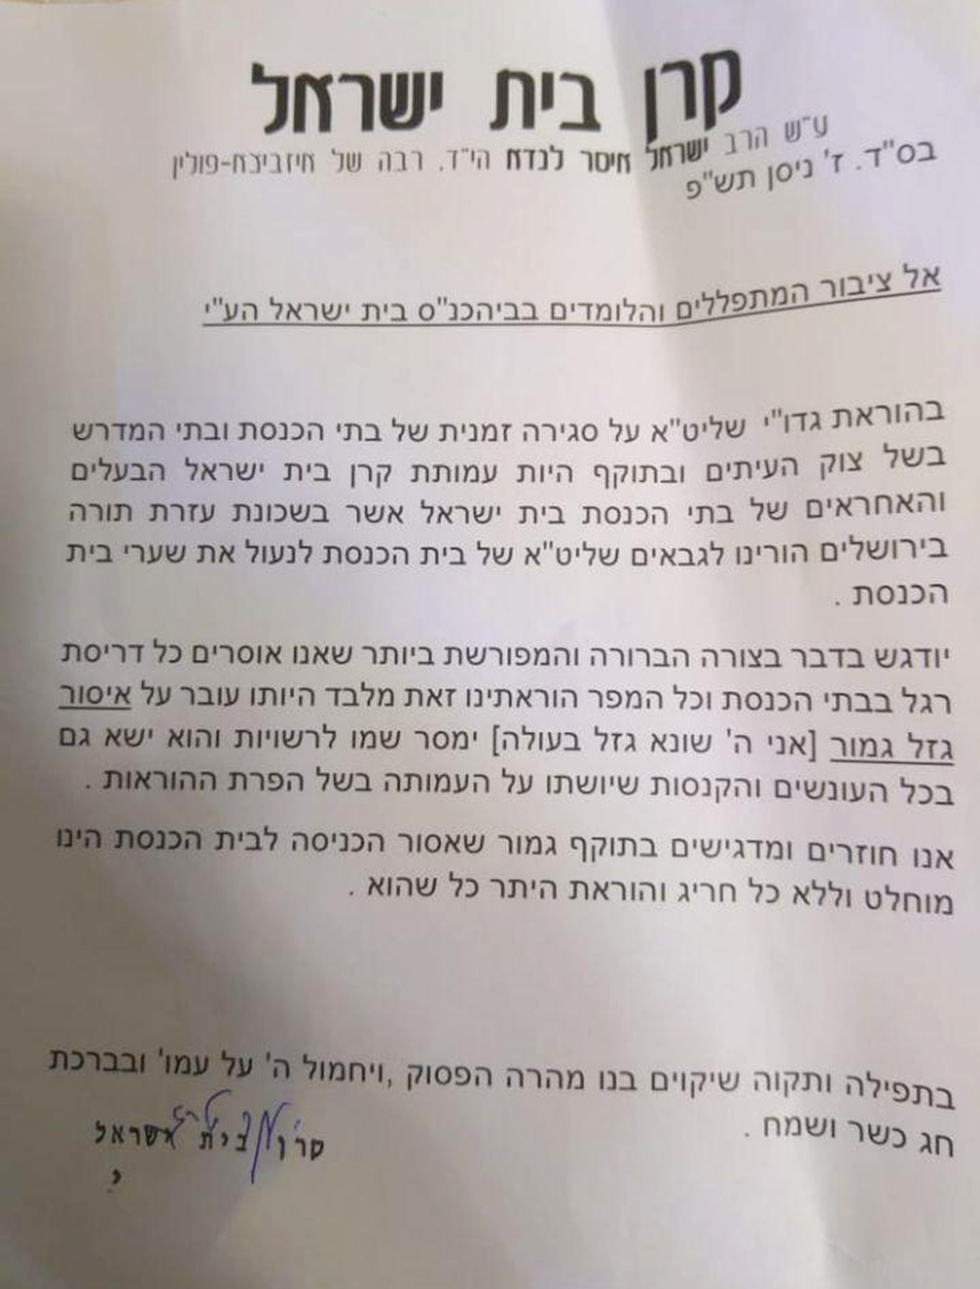 הודעה על סגירת בית הכנסת